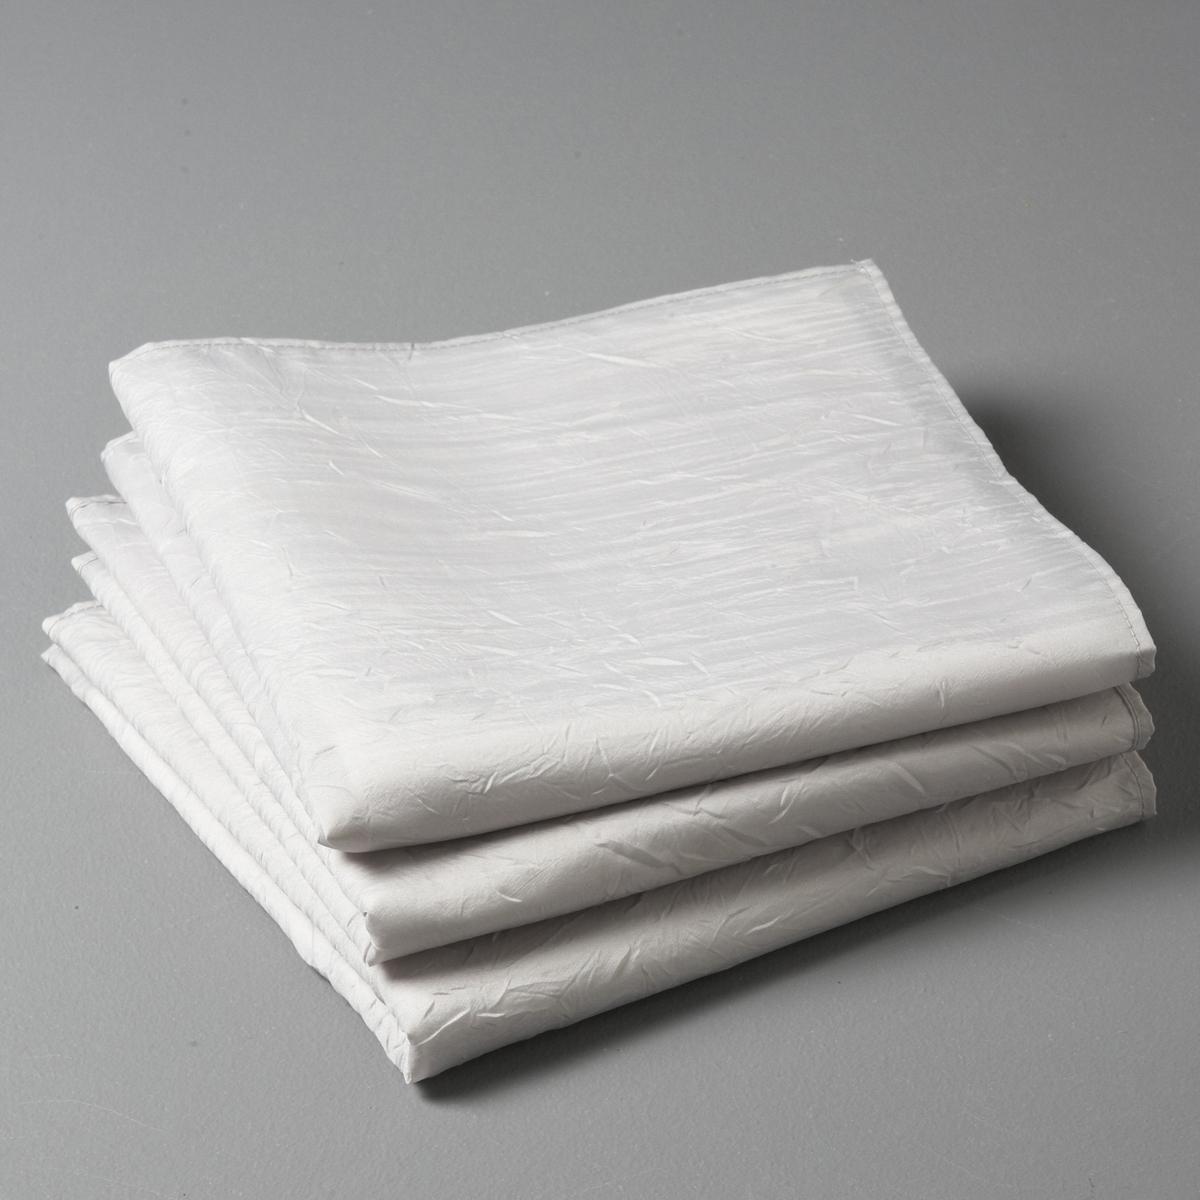 3 салфетки CeryasСалфетки Ceryas из шелковистой ткани с жатым эффектом: Простая в уходе ткань: быстро сохнет, не нужно гладить. Описание салфеток на стол:- Салфетки на стол из шелковистой ткани с жатым эффектом, 100% полиэстера.- Стирка при 40°, быстро сохнет, не нужно гладить.- Размеры: 45 x 45 см.<br><br>Цвет: антрацит,белый,красный,серо-коричневый каштан,Серо-синий,серый,экрю<br>Размер: 45 x 45  см.45 x 45  см.45 x 45  см.45 x 45  см